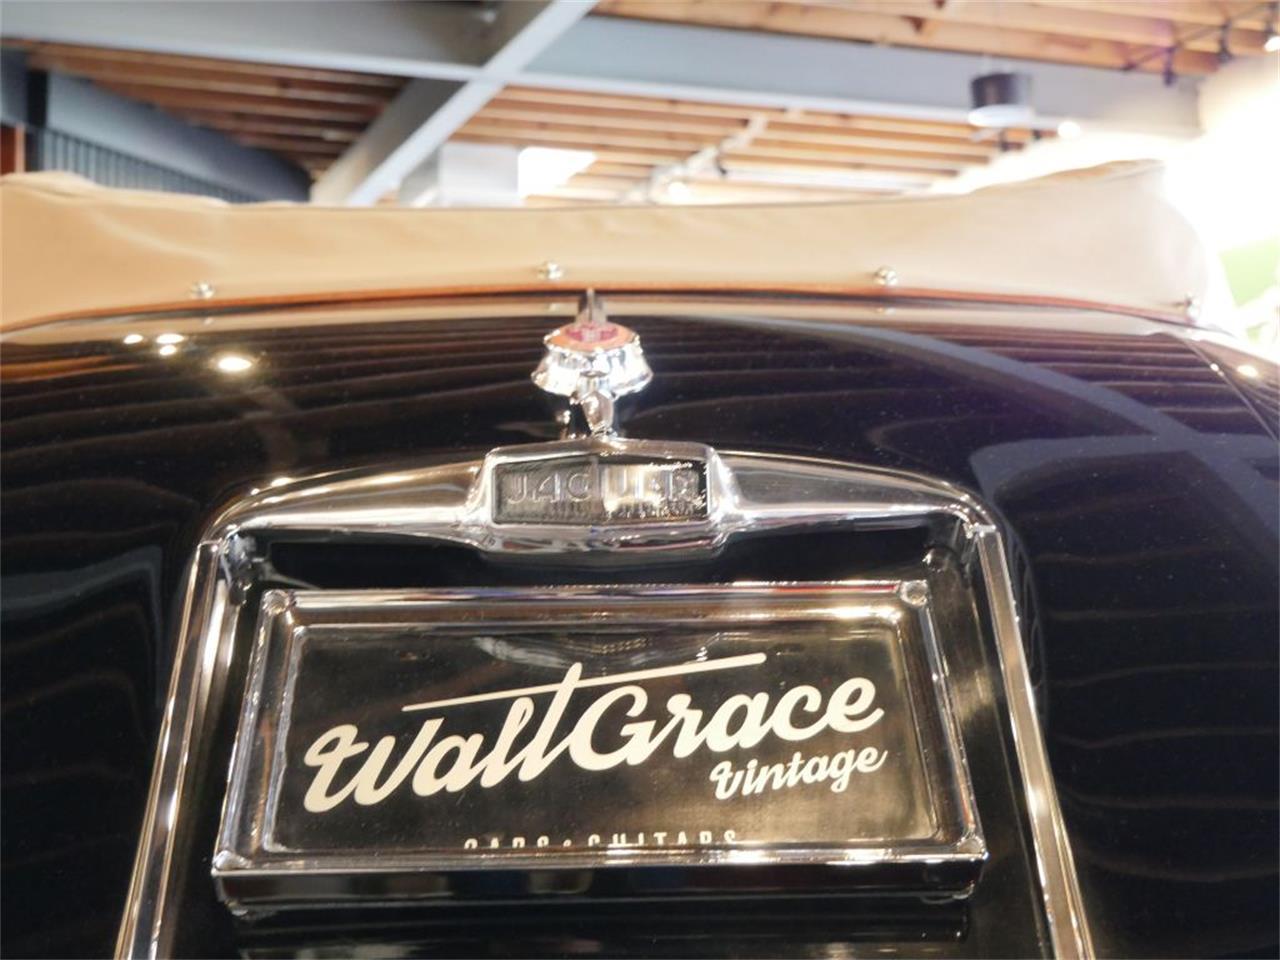 Large Picture of Classic 1961 Jaguar XK150 Offered by Walt Grace Vintage - QB2K